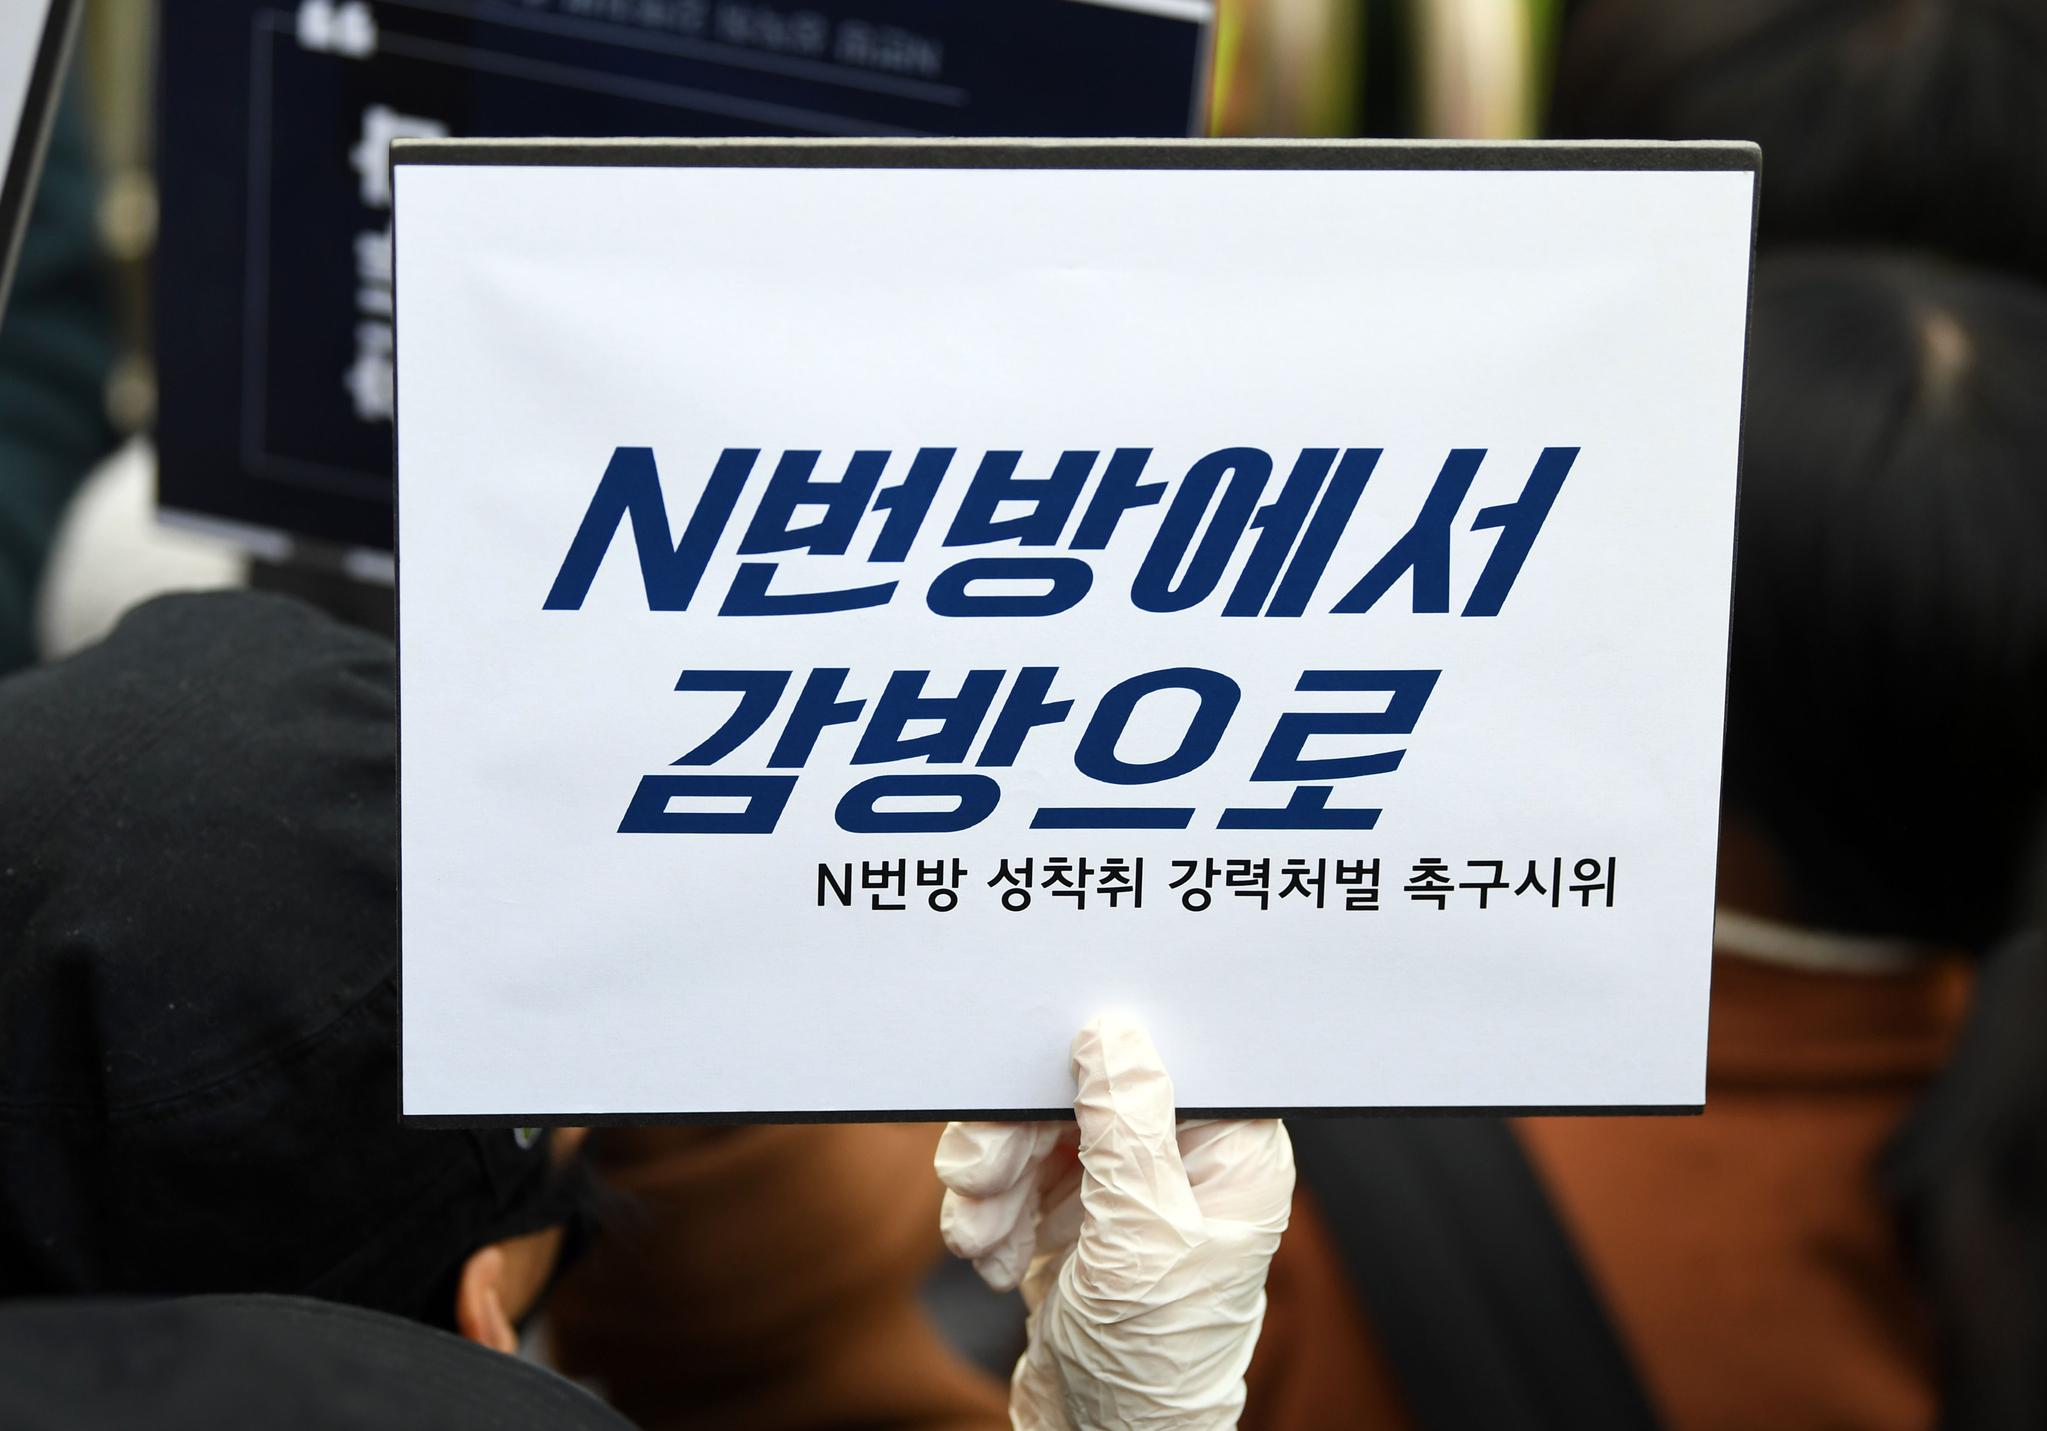 시민들이 텔레그램 '박사방' 운영자 조주빈 등의 강력처벌을 촉구하며 피켓 시위를 하고 있다. 연합뉴스